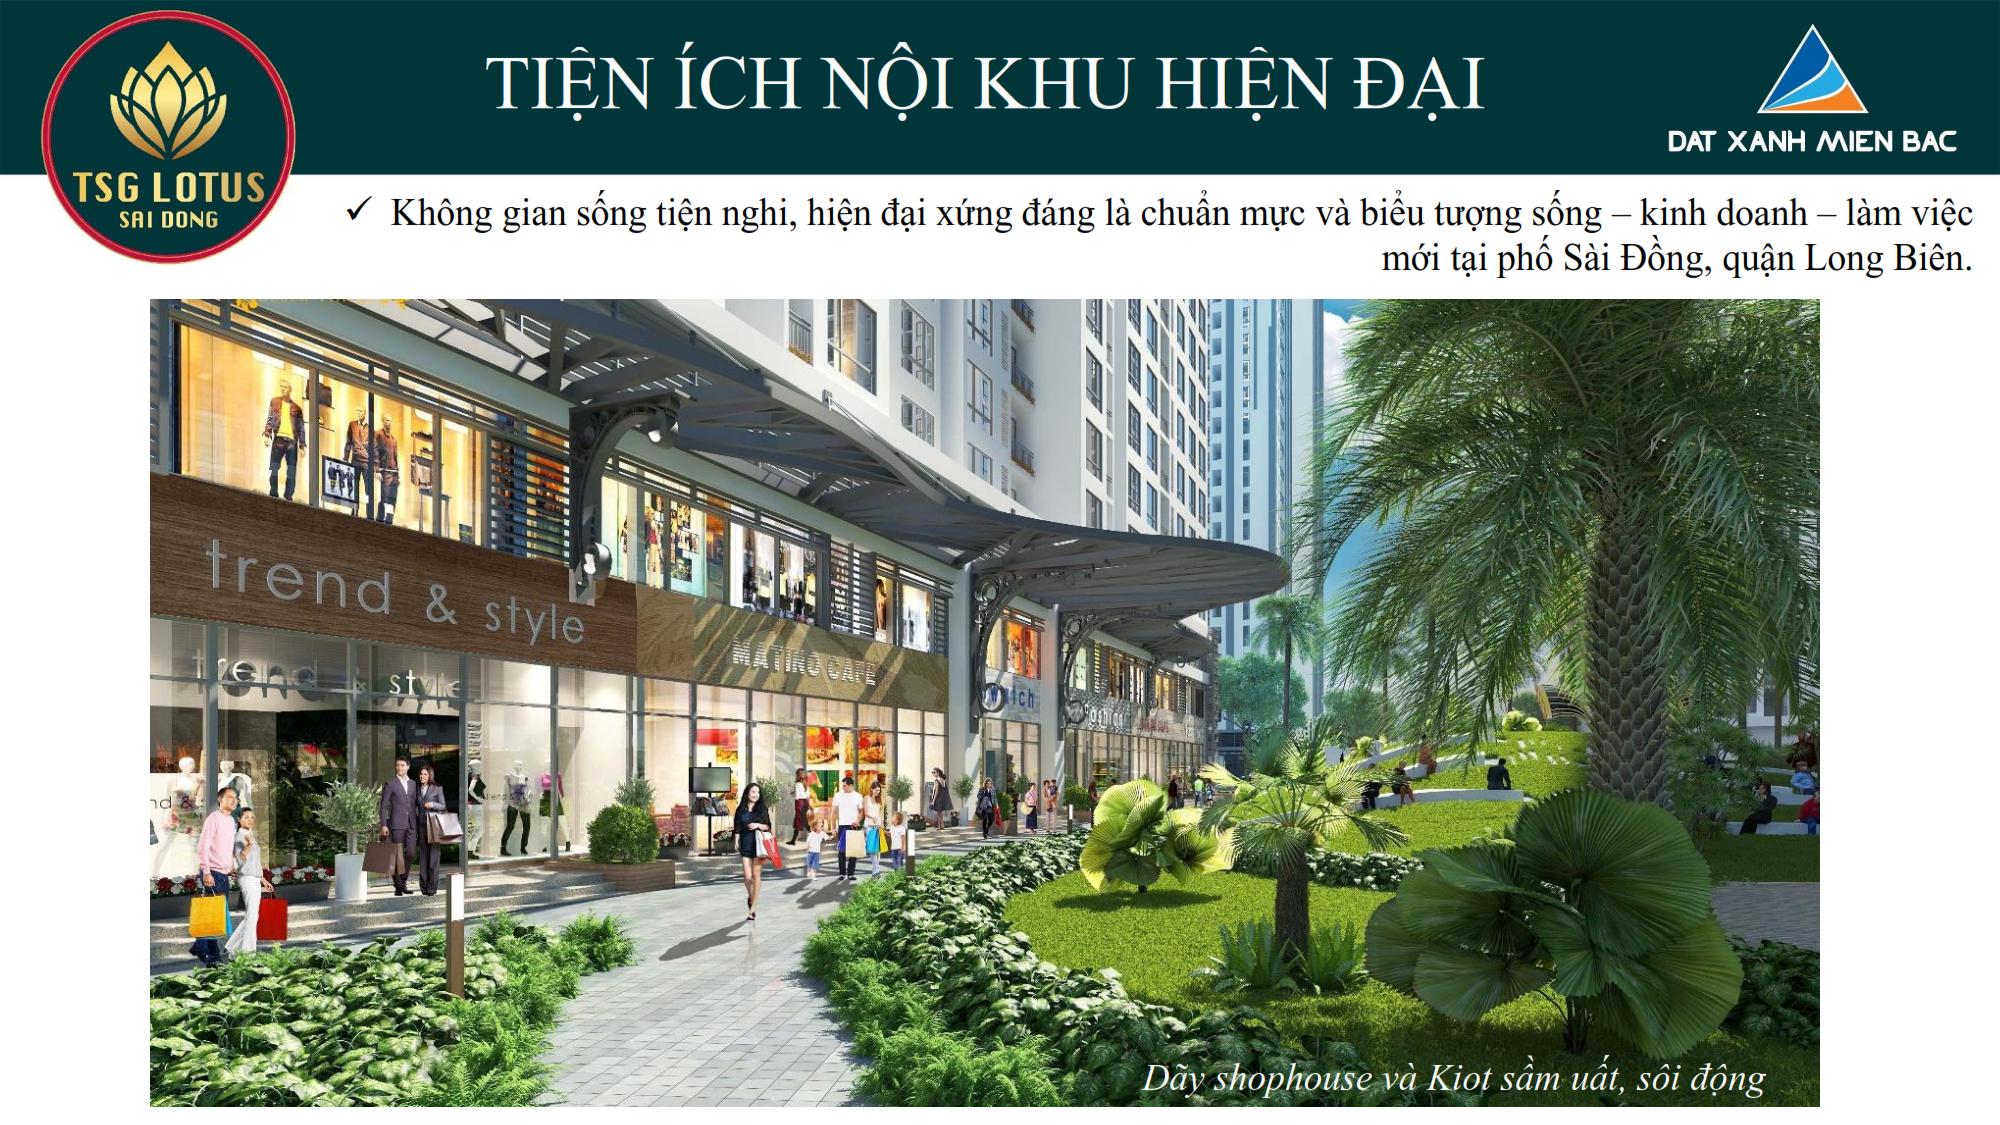 TSG Lotus Sài Đồng